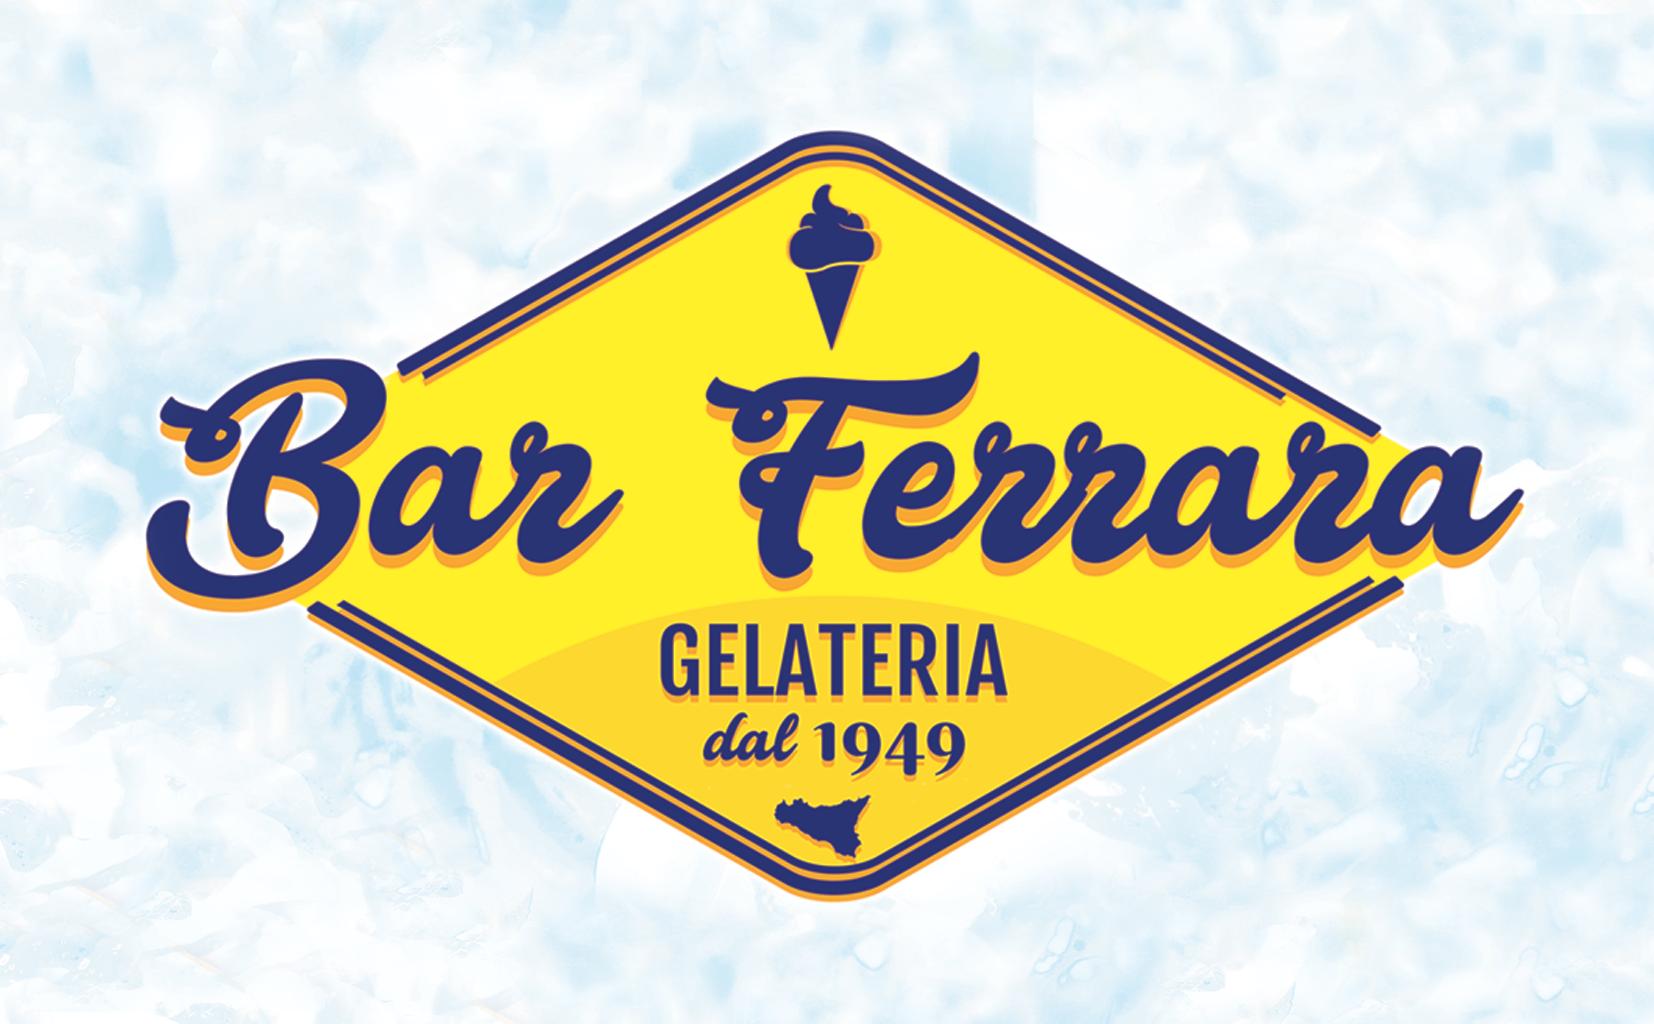 Bar Ferrara image